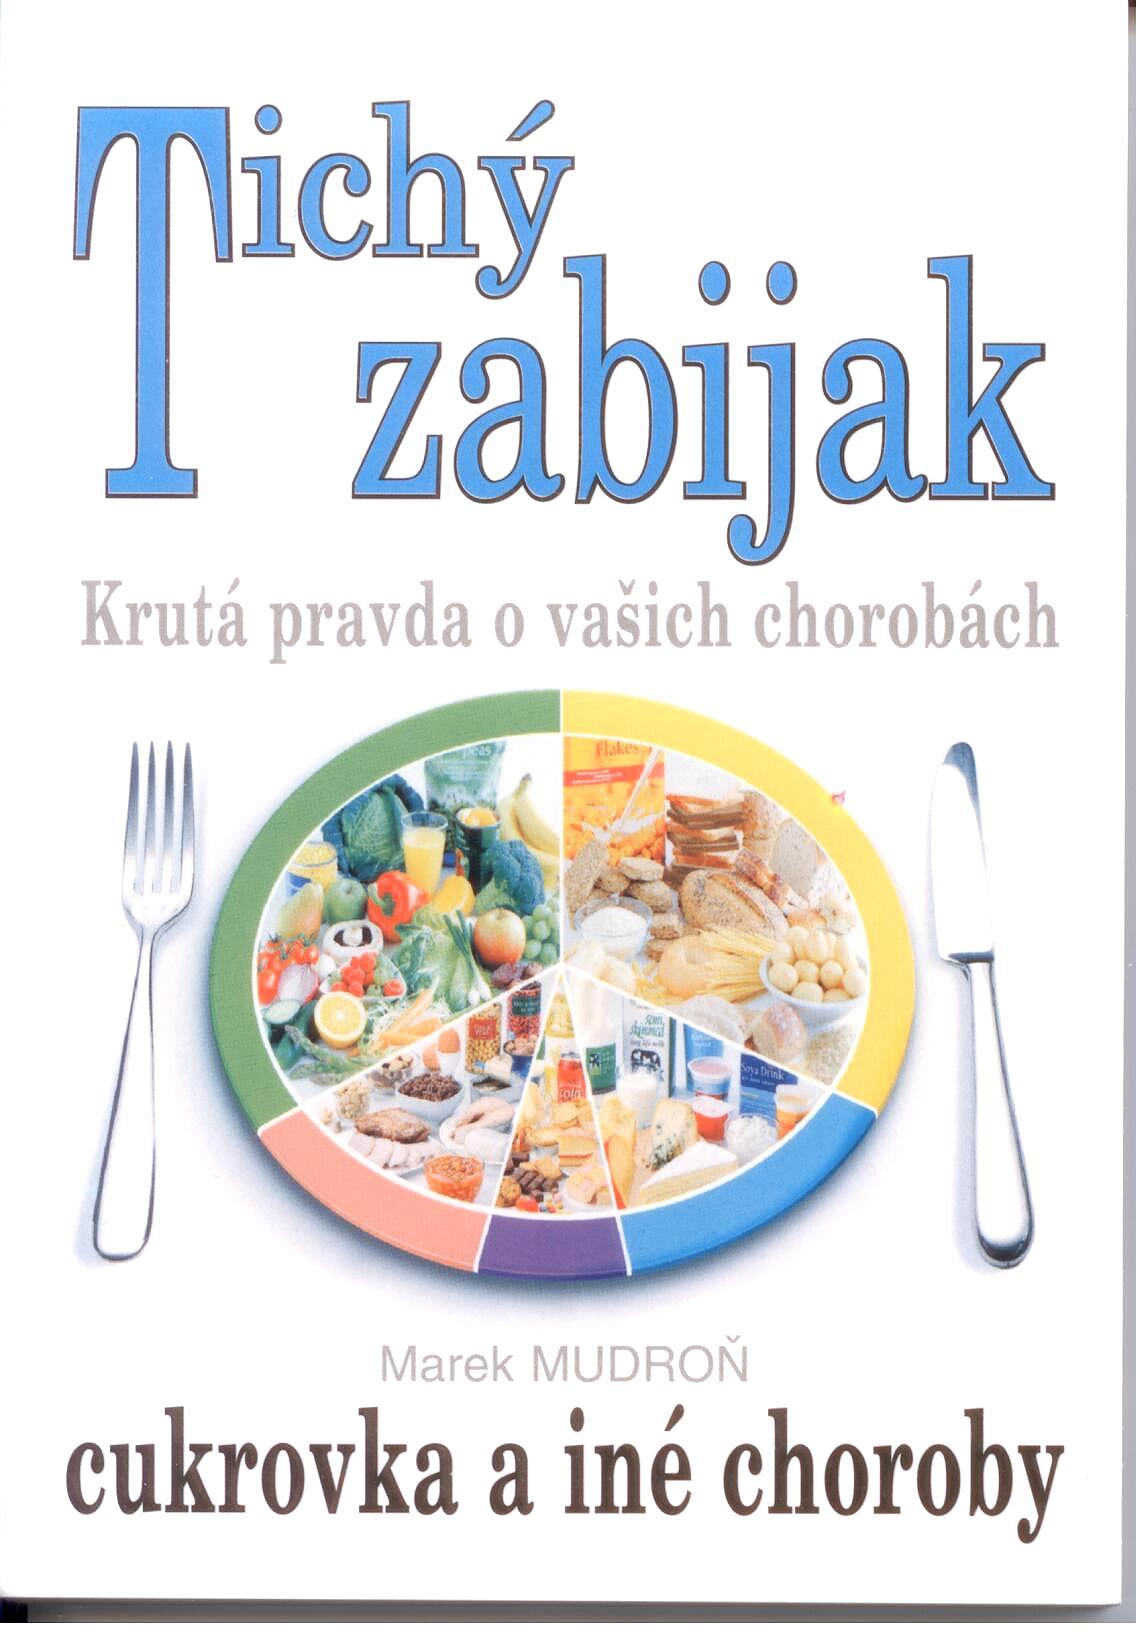 Tichý zabijak - cukrovka a iné choroby (Marek Mudroň) e790862cd05